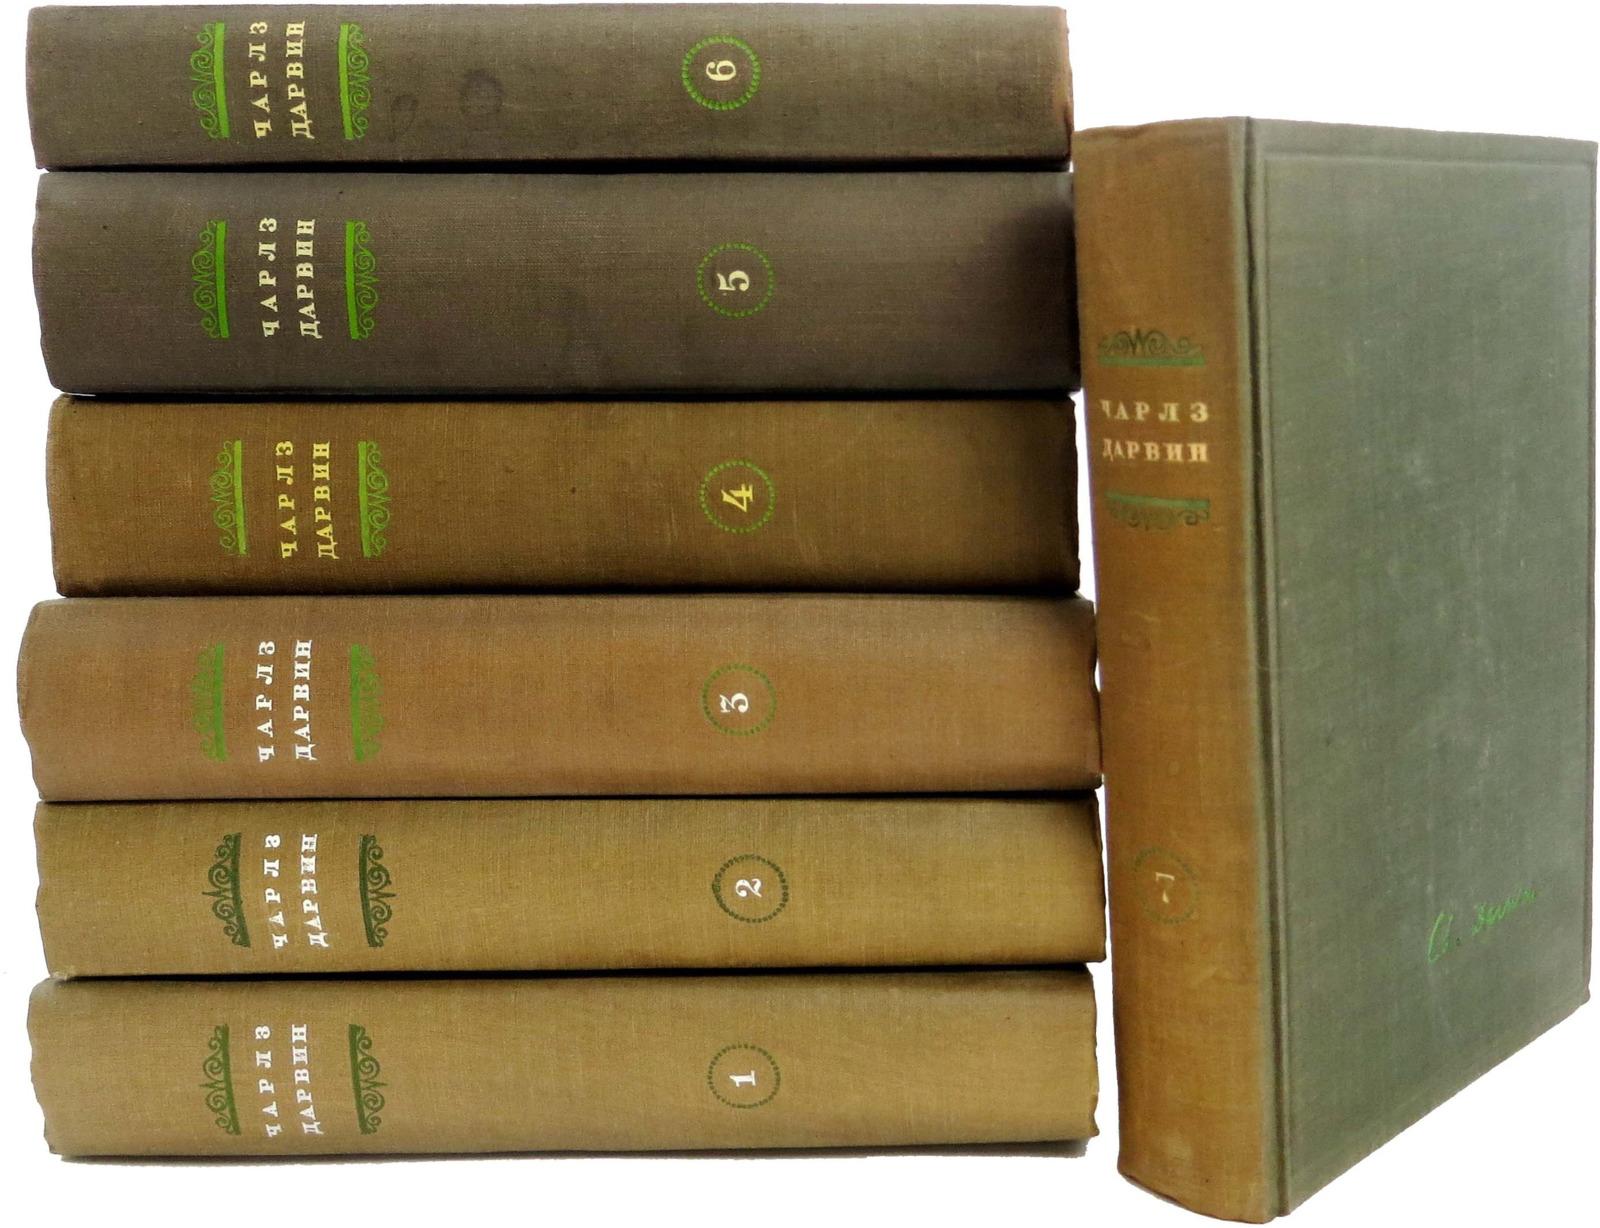 Дарвин Ч. Чарлз Дарвин. Сочинения (комплект из 7 книг) jolly phonics activity books set 1 7 комплект из 7 книг